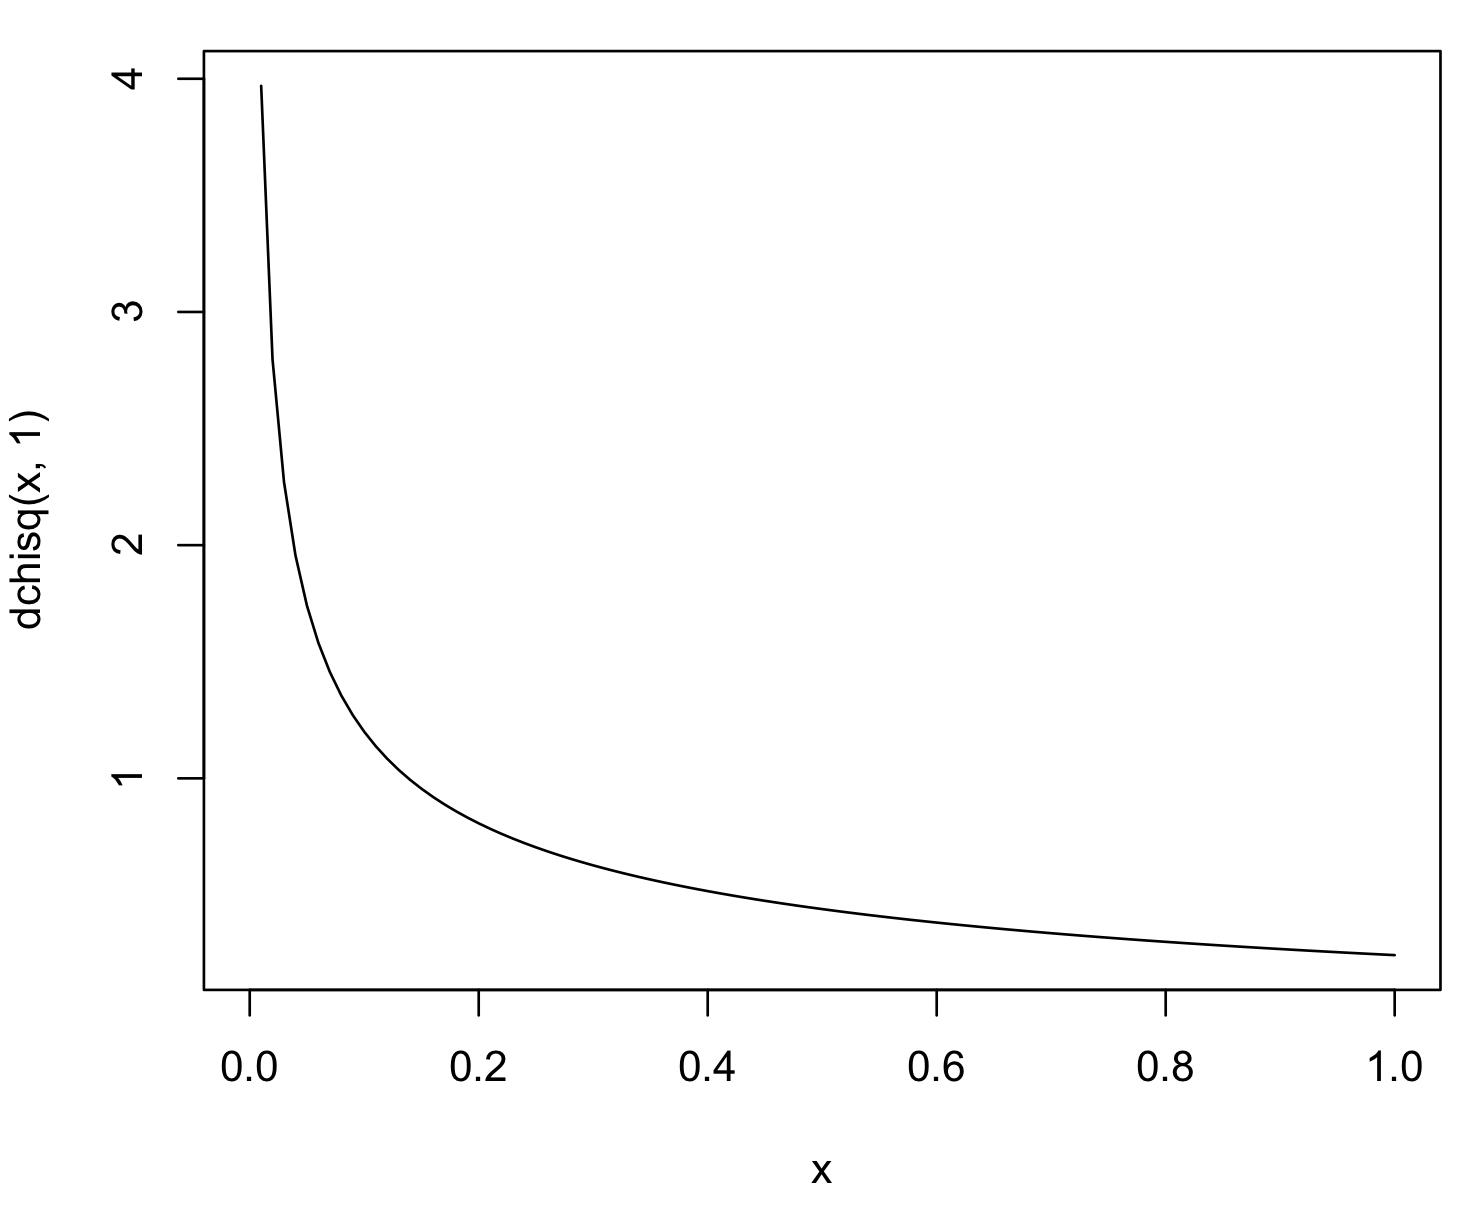 %e8%87%aa%e7%94%b1%e5%ba%a6%ef%bc%91%e3%81%ae%e3%82%ab%e3%82%a4%e4%ba%8c%e4%b9%97%e5%88%86%e5%b8%83%e3%81%ae%e3%82%af%e3%82%99%e3%83%a9%e3%83%95